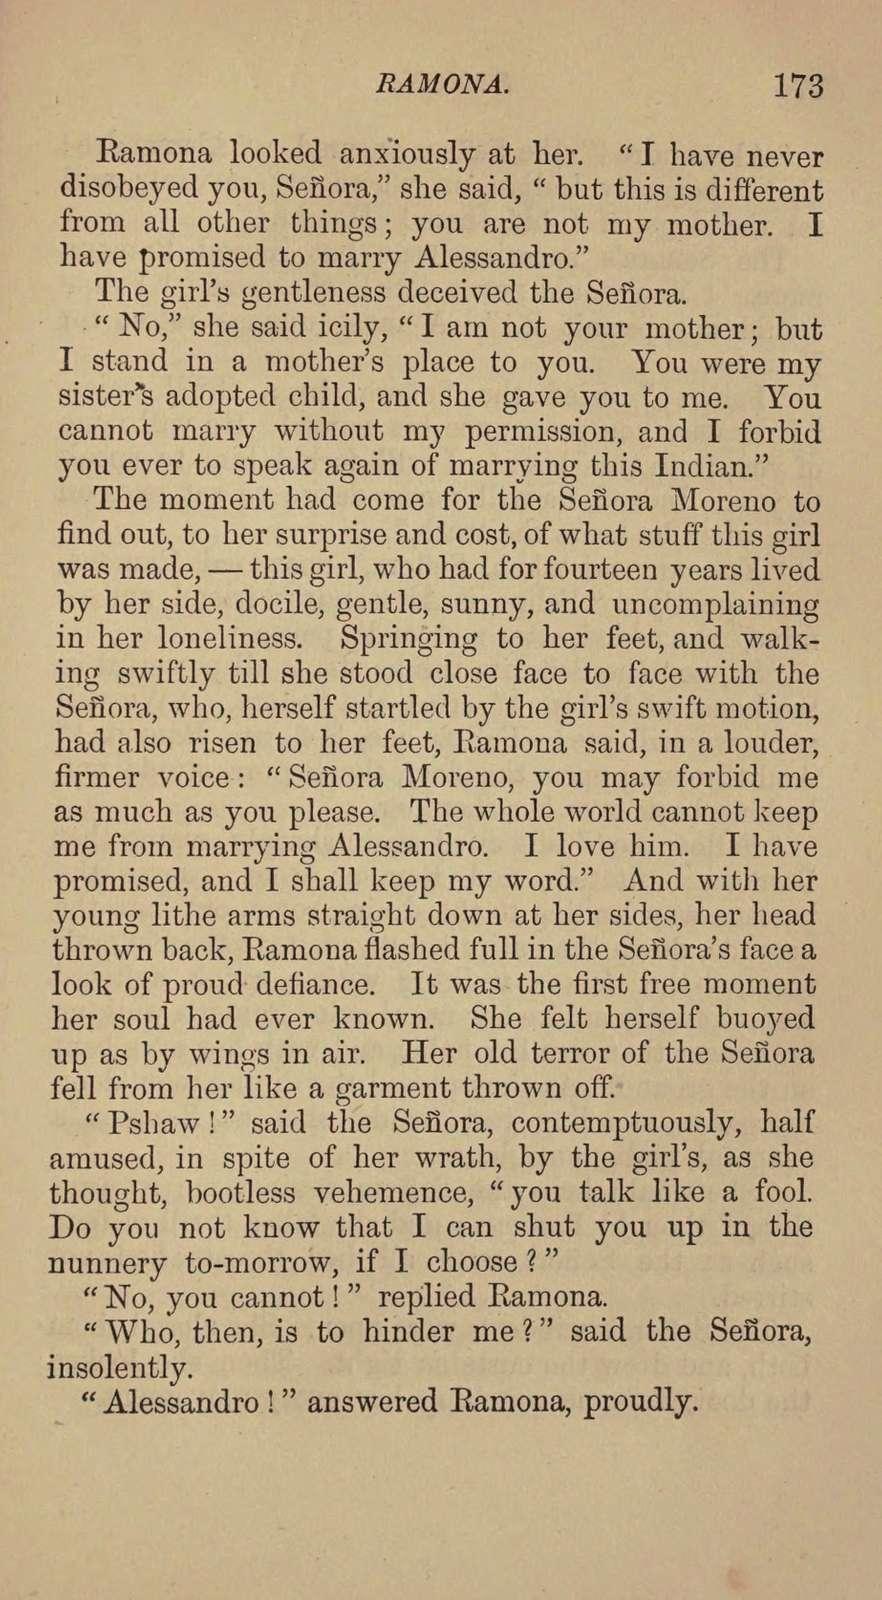 Ramona. A story